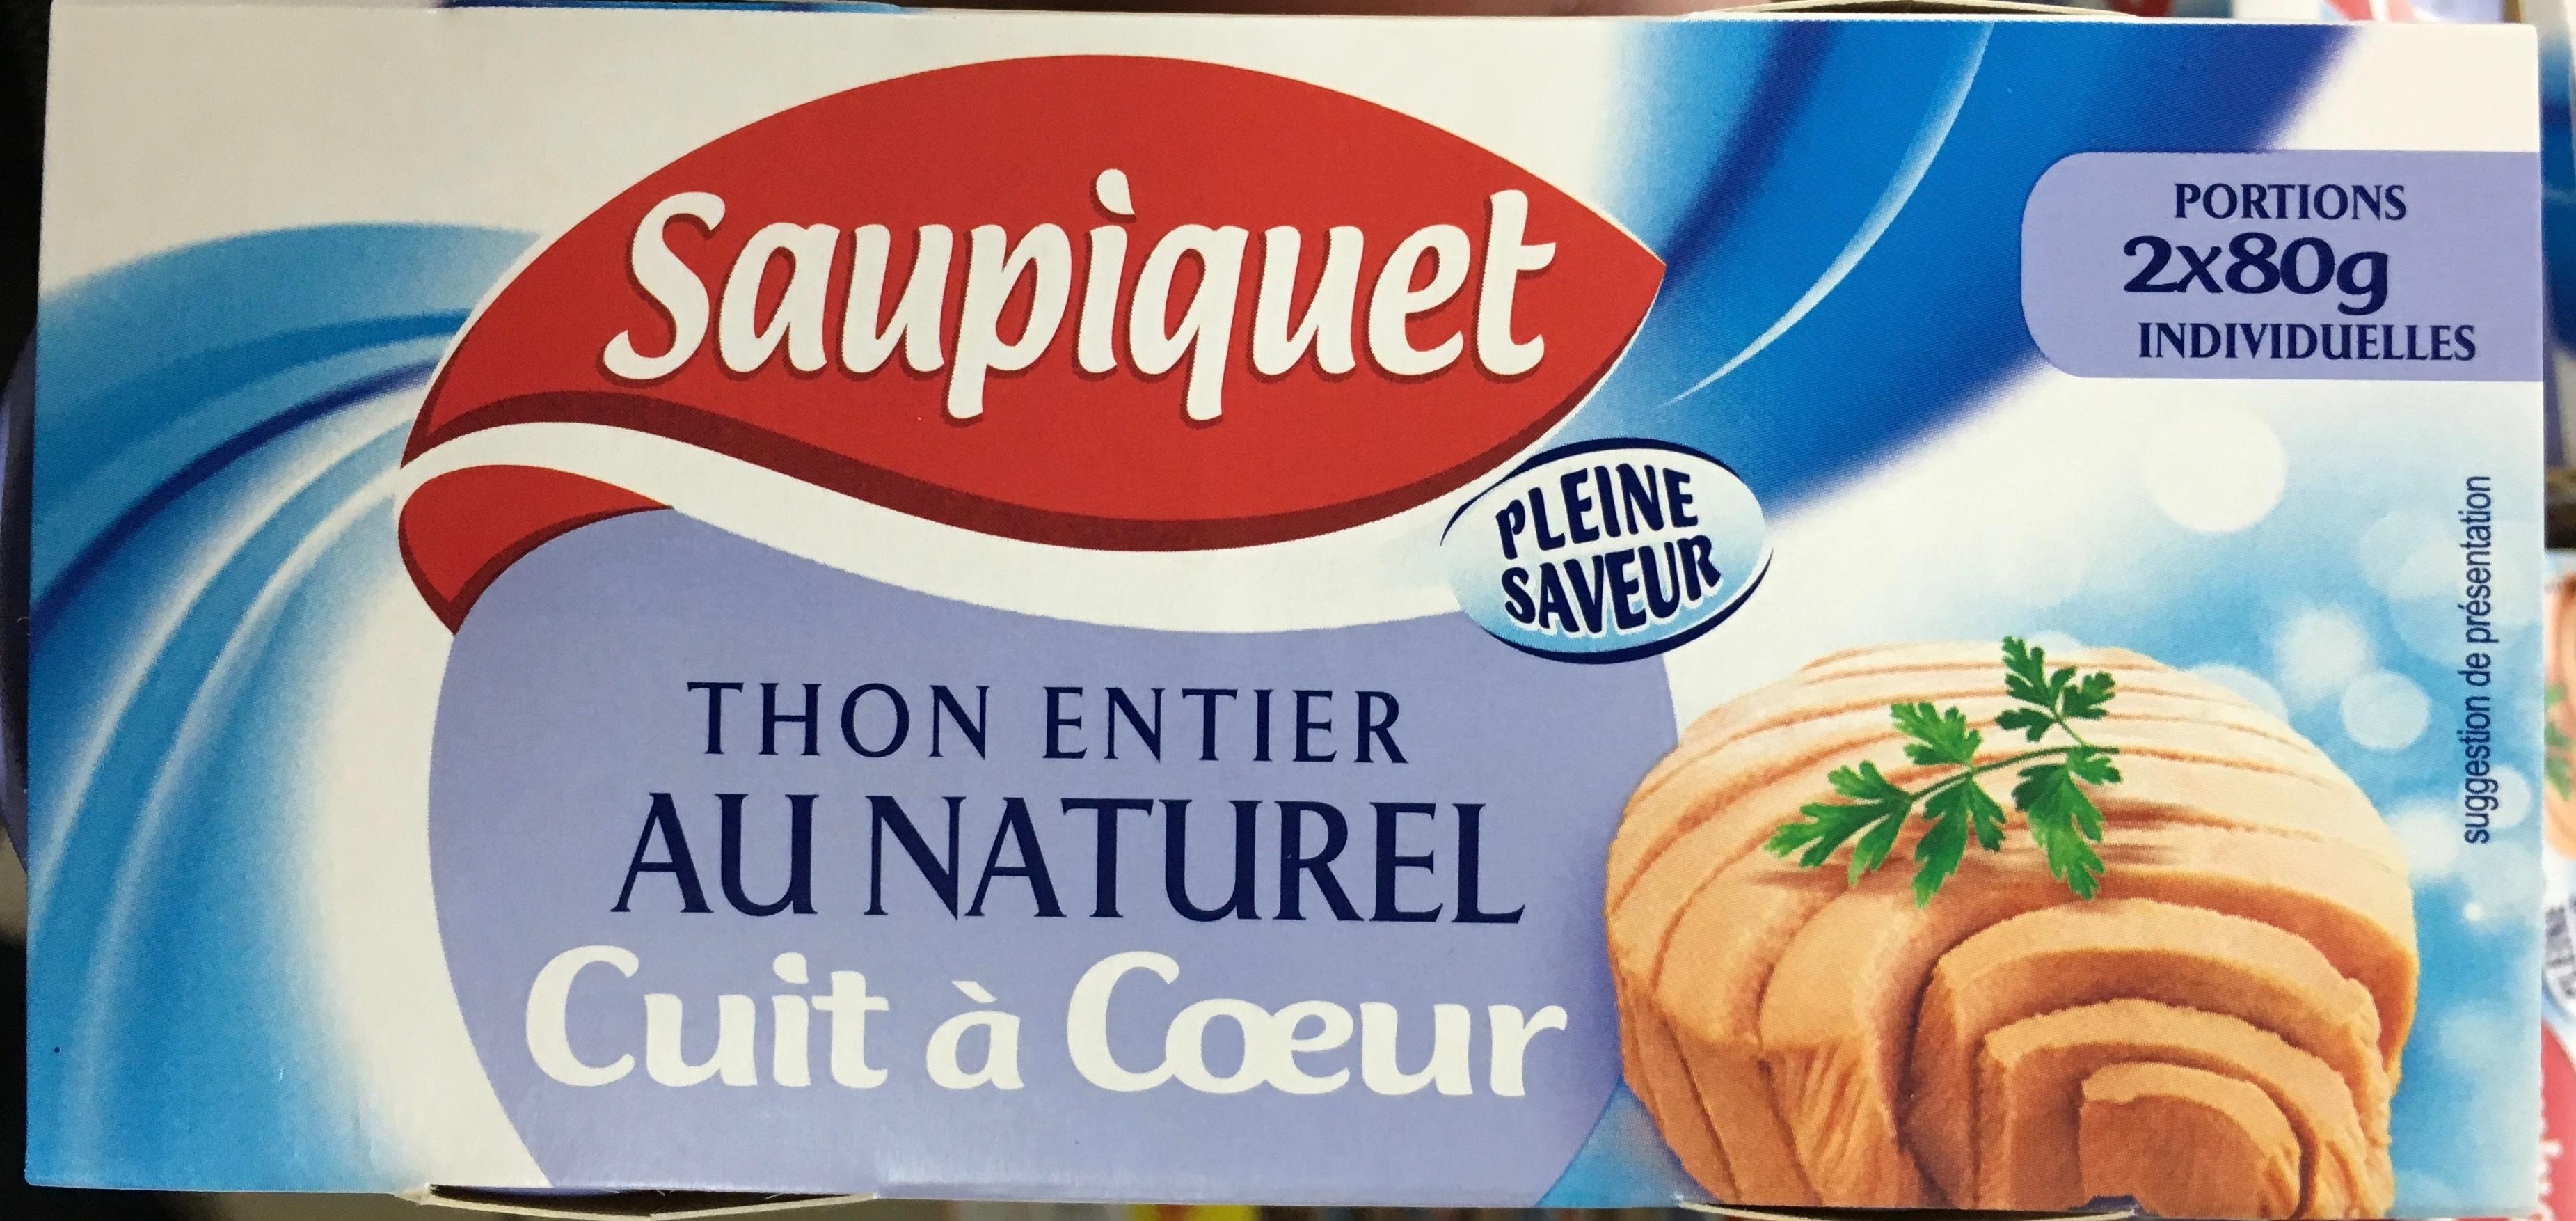 Thon entier au naturel cuit à coeur - Produit - fr